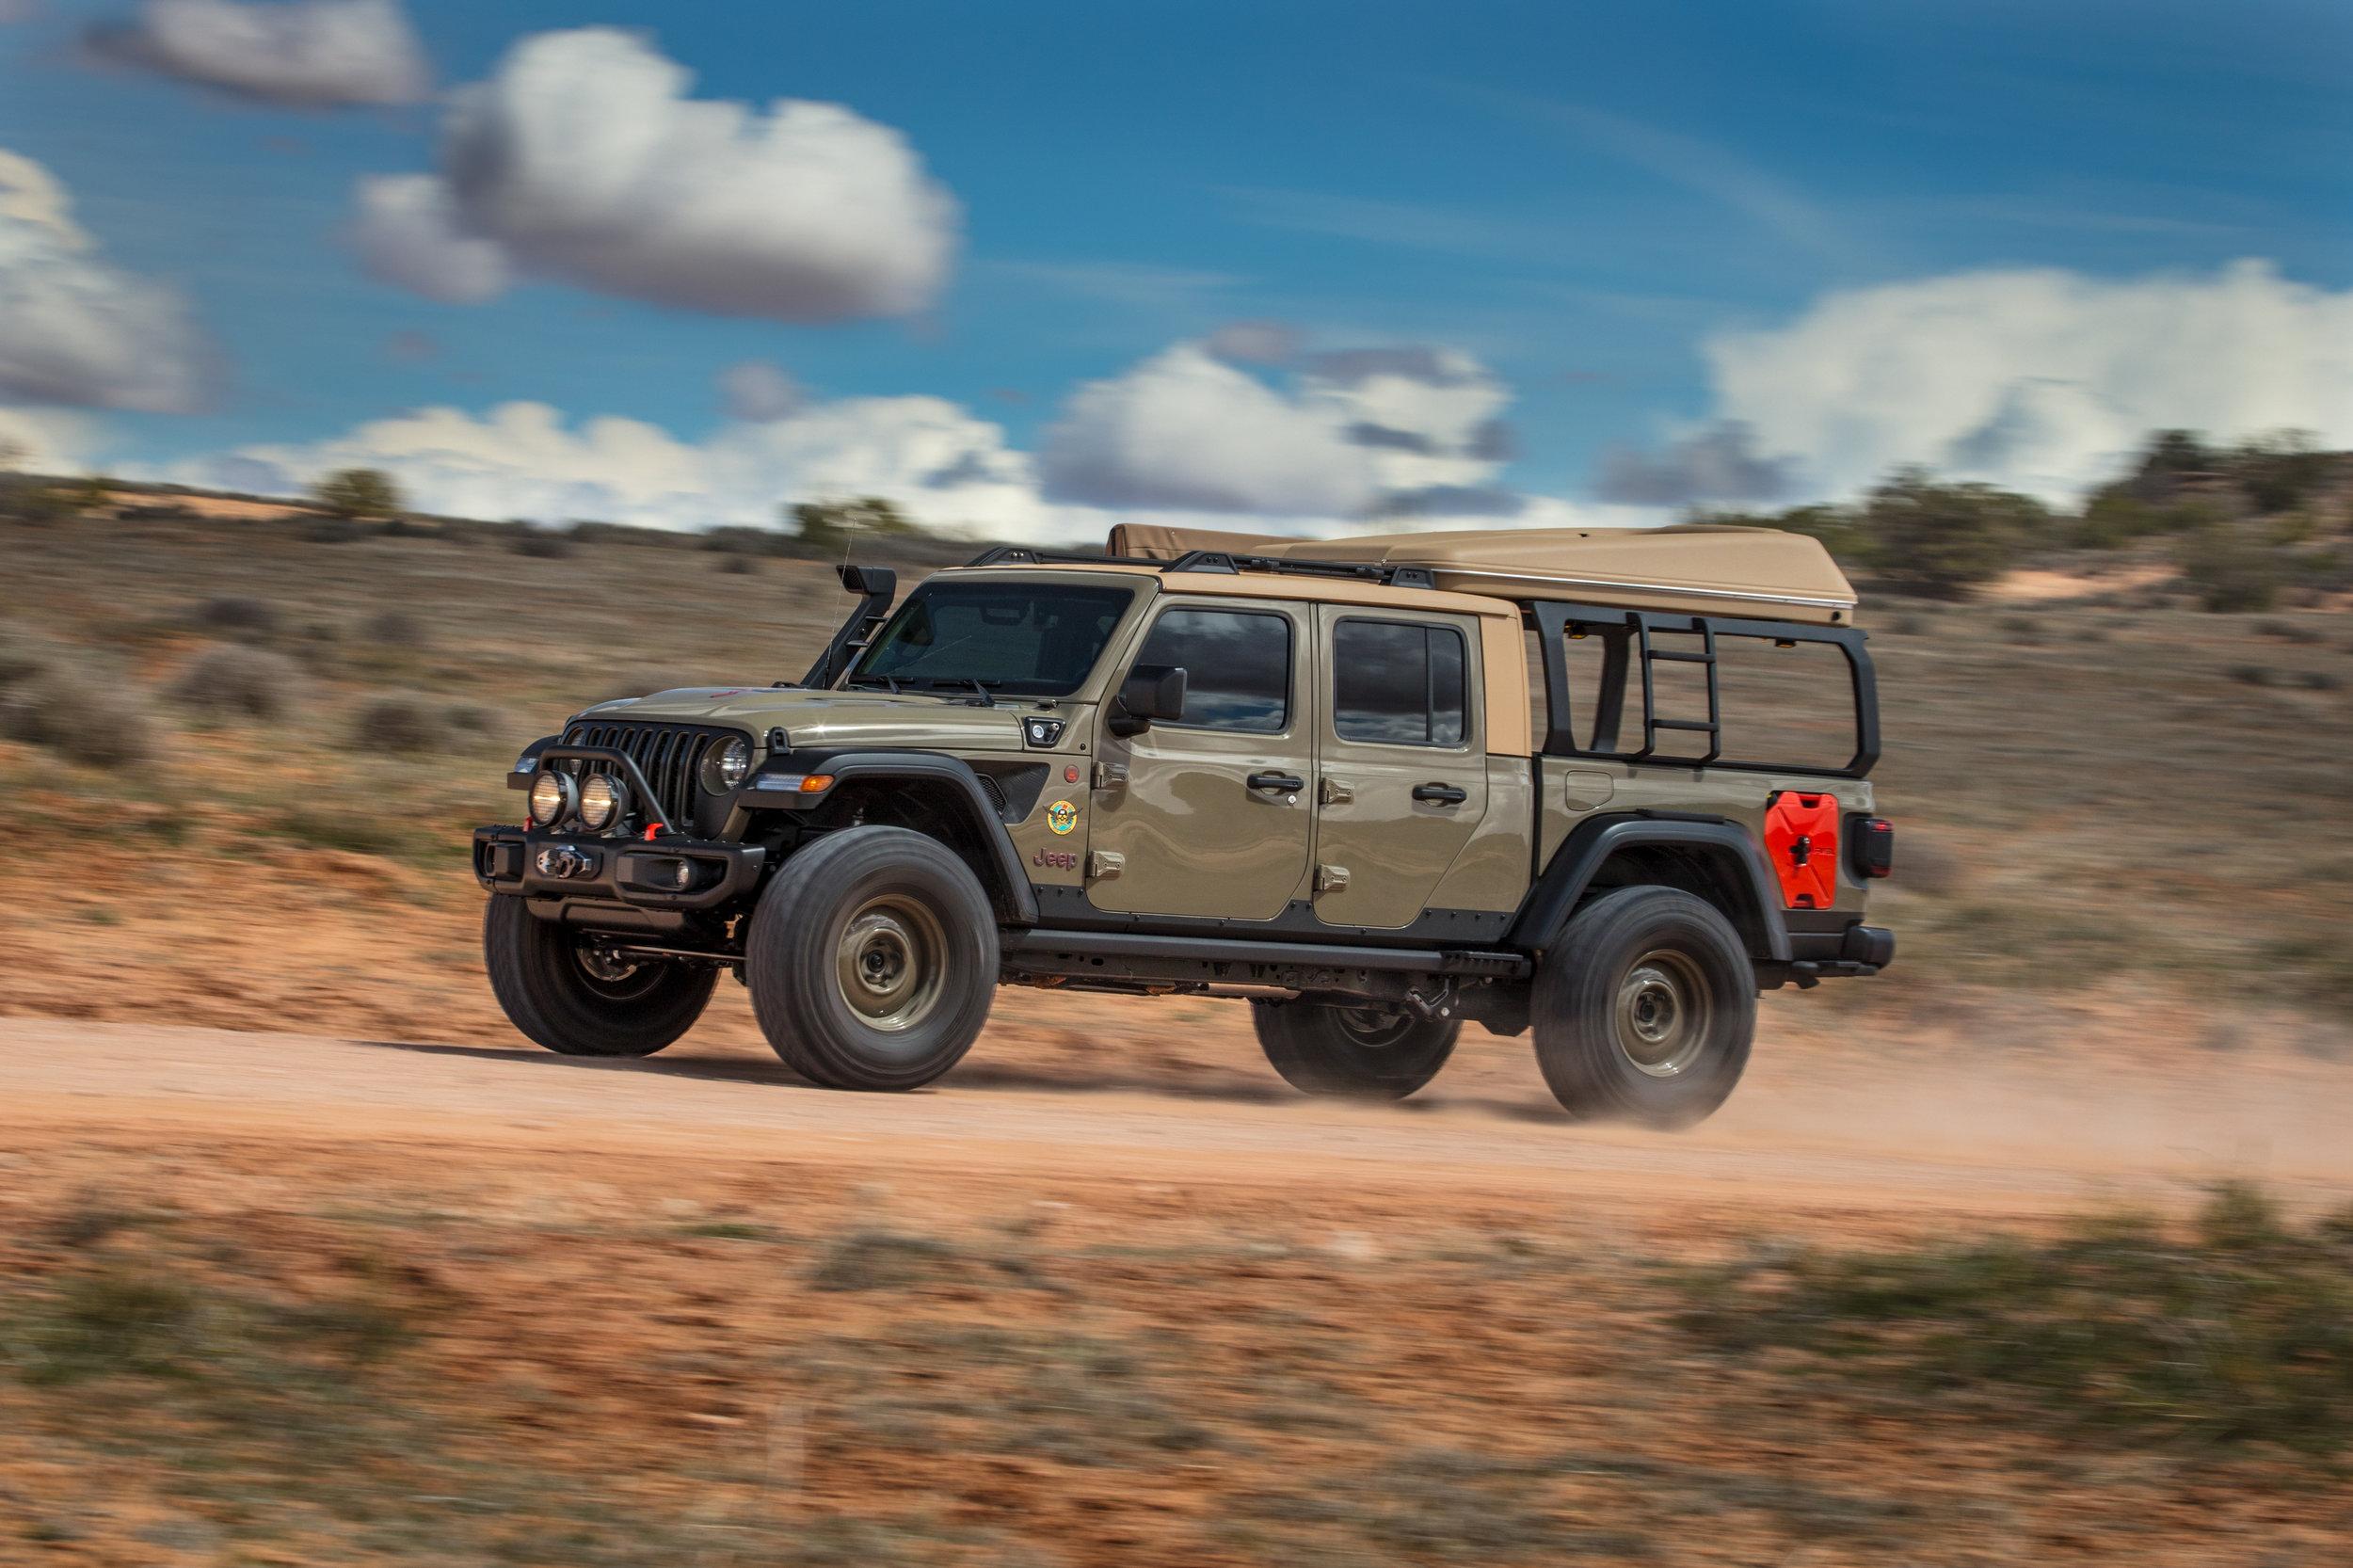 Jeep_Gladiator_Wayout.jpg